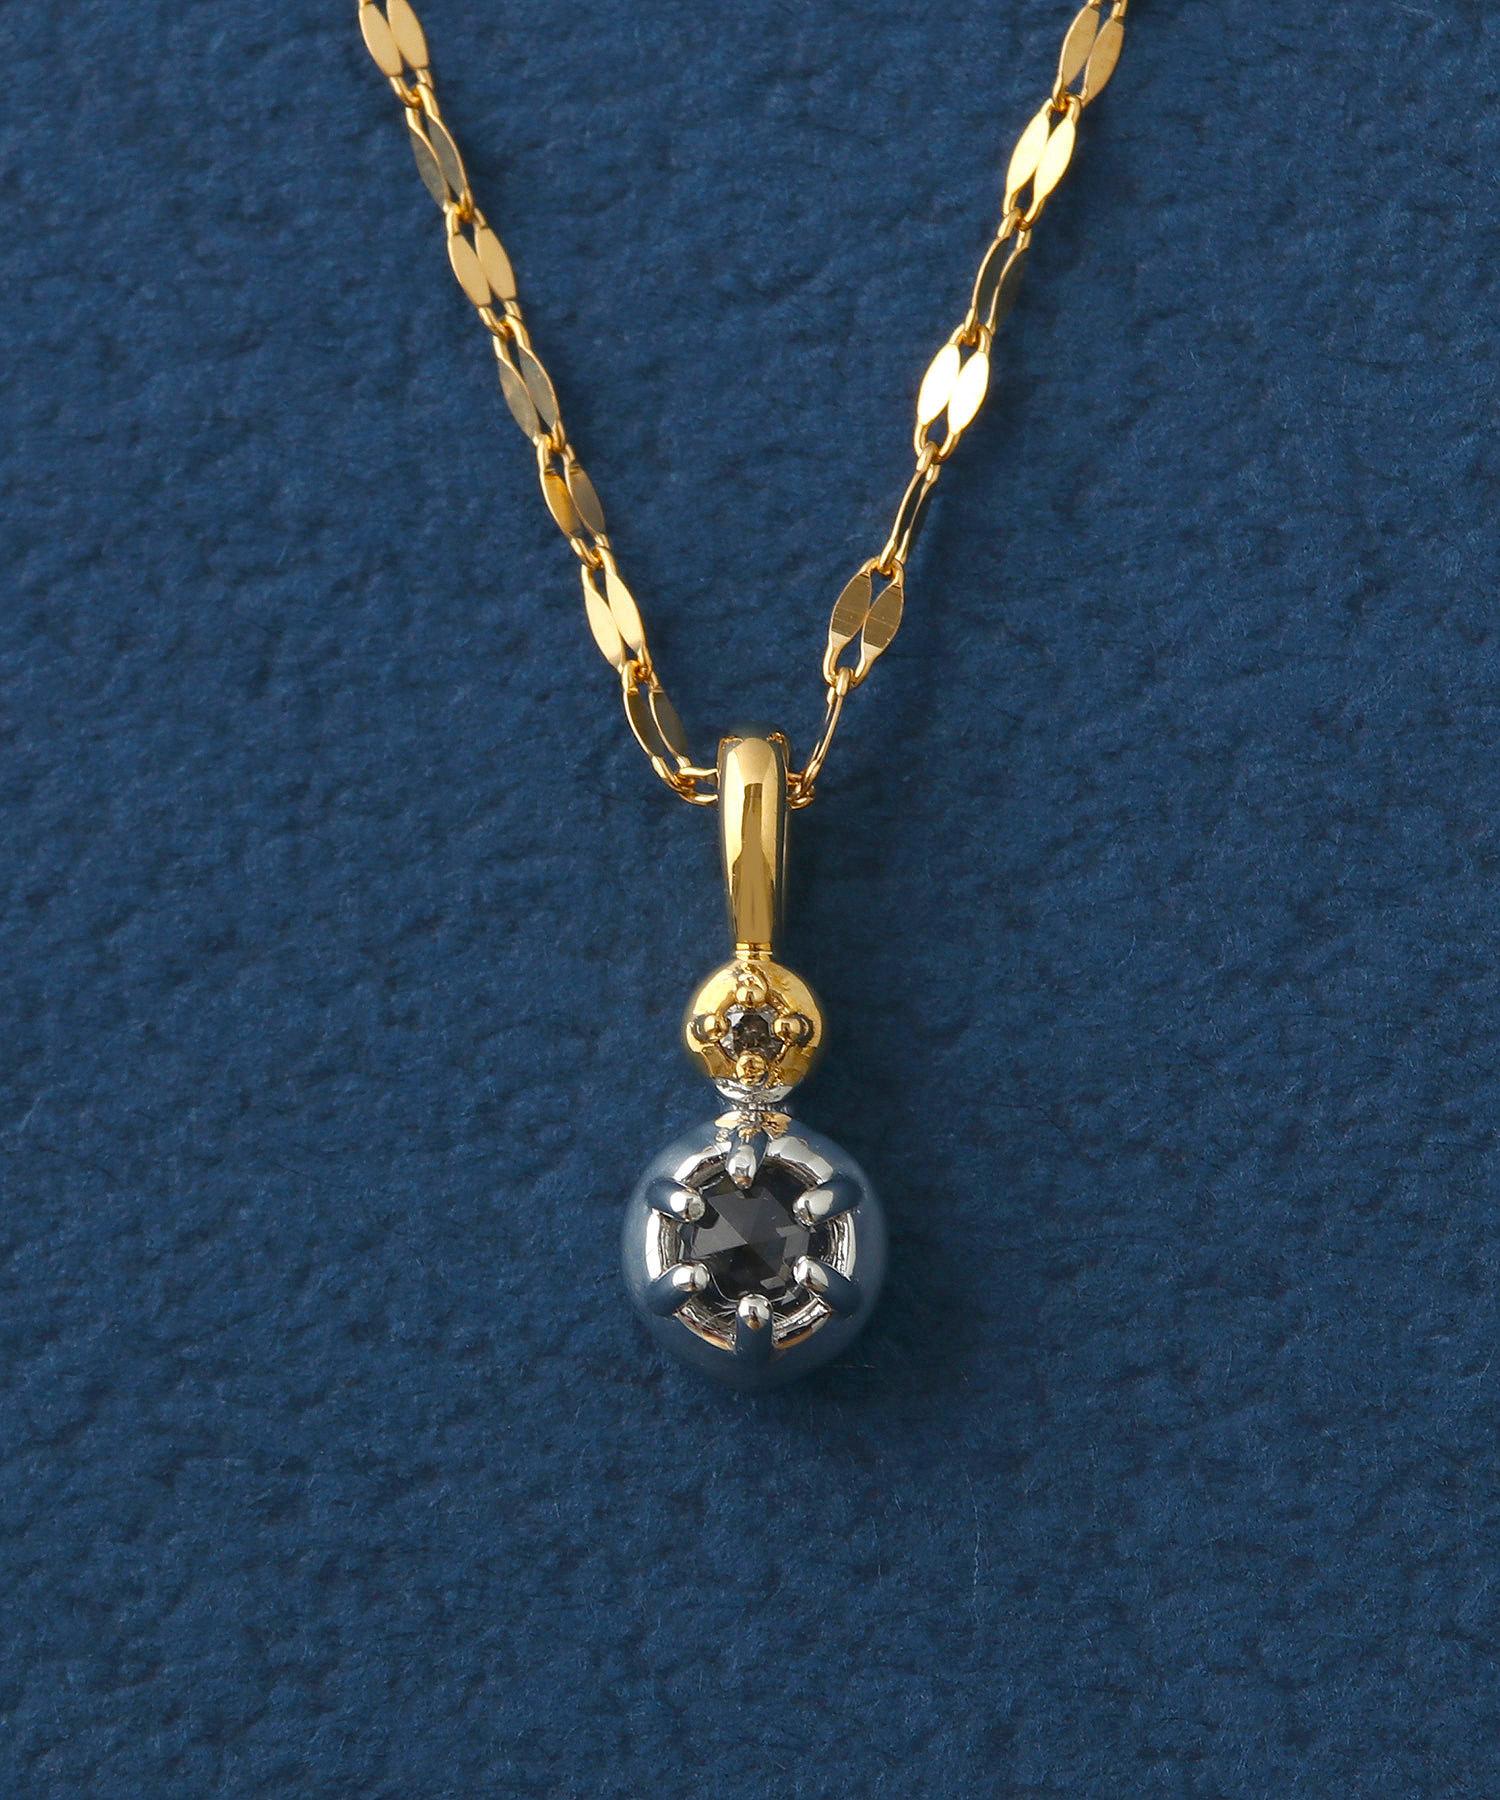 2018 Xmas Limited【ドリームデイ】ブラウンダイヤモンド×ホワイトトパーズ ネックレスの写真